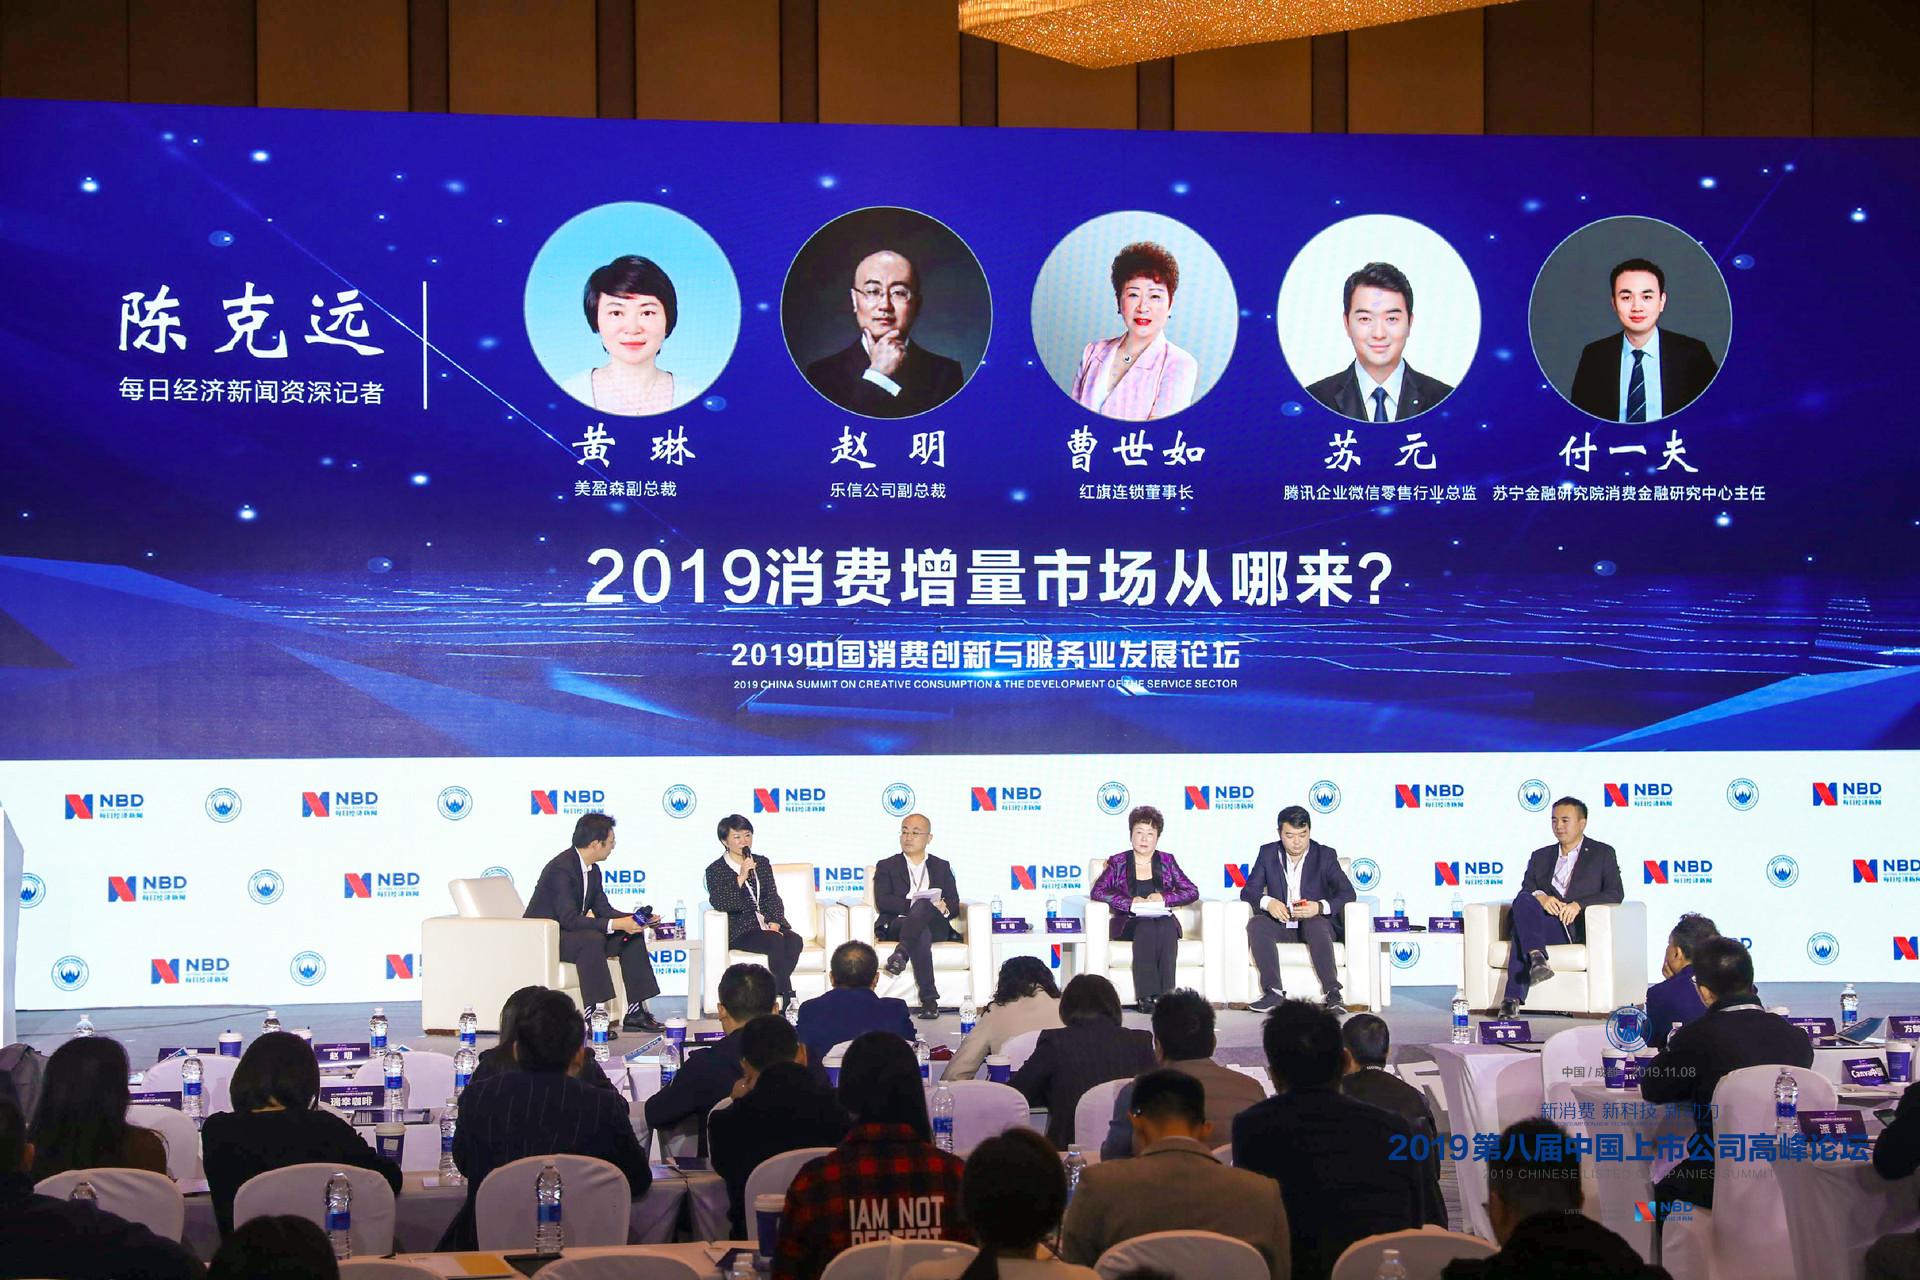 乐信副总裁赵明:互联网金融兴盛时容易泥沙俱下,严监管下行业更健康